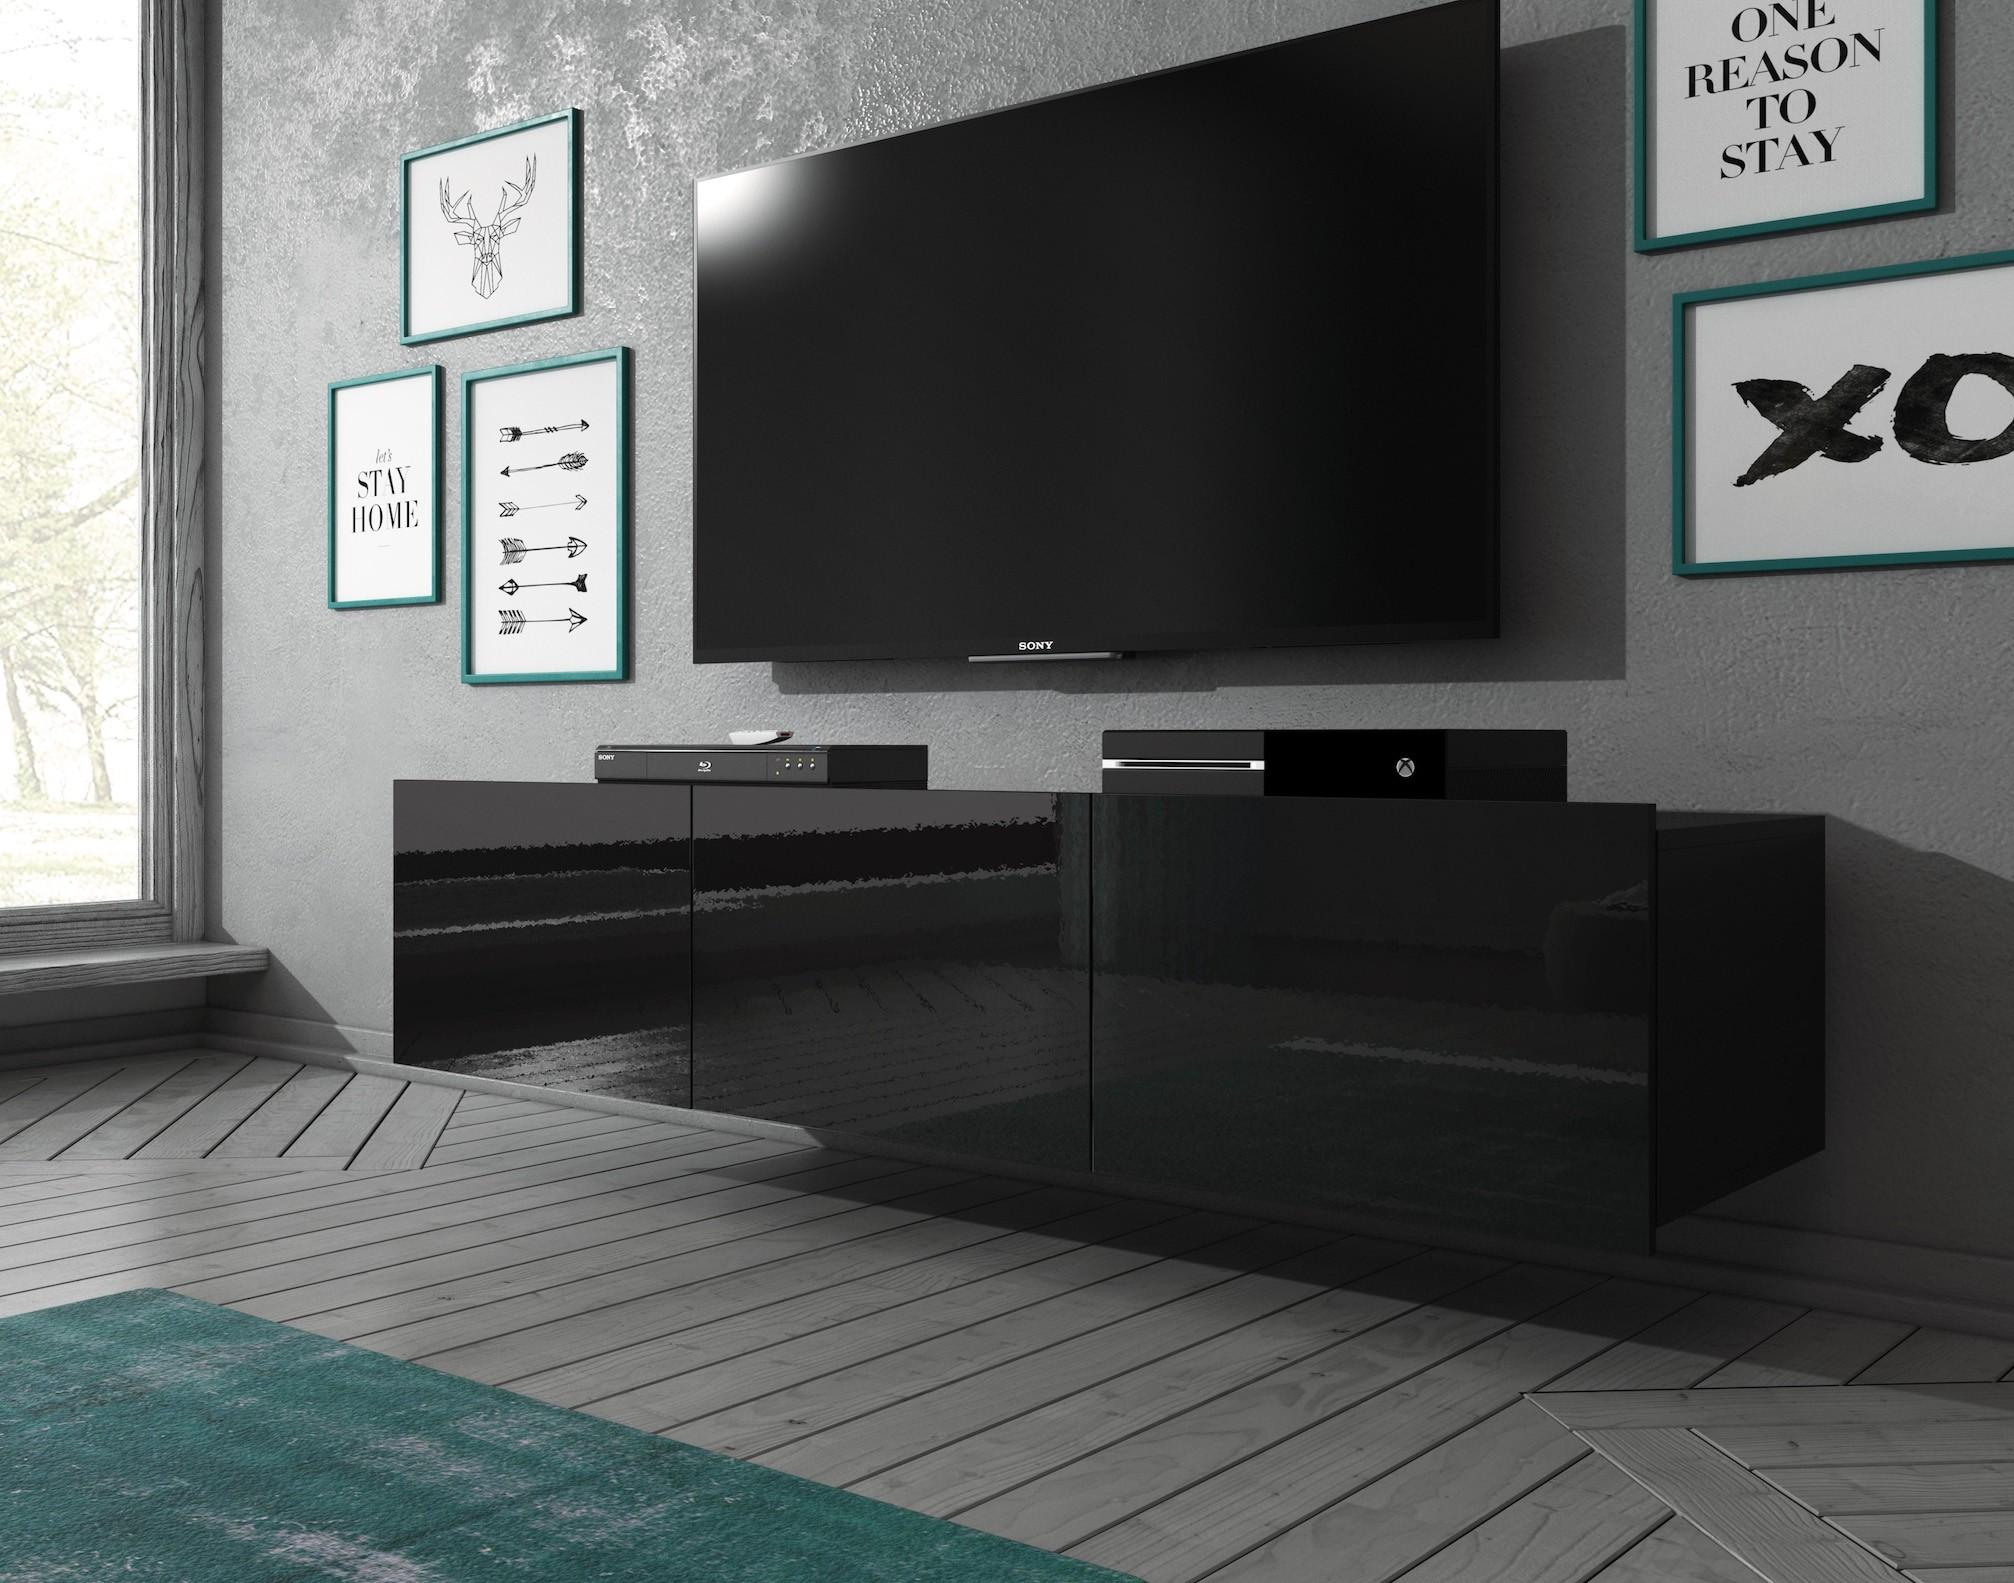 Tv Meubel 150 Cm.Tv Meubel Calgary Zwart 150 Cm Staand Of Hangend Meubella